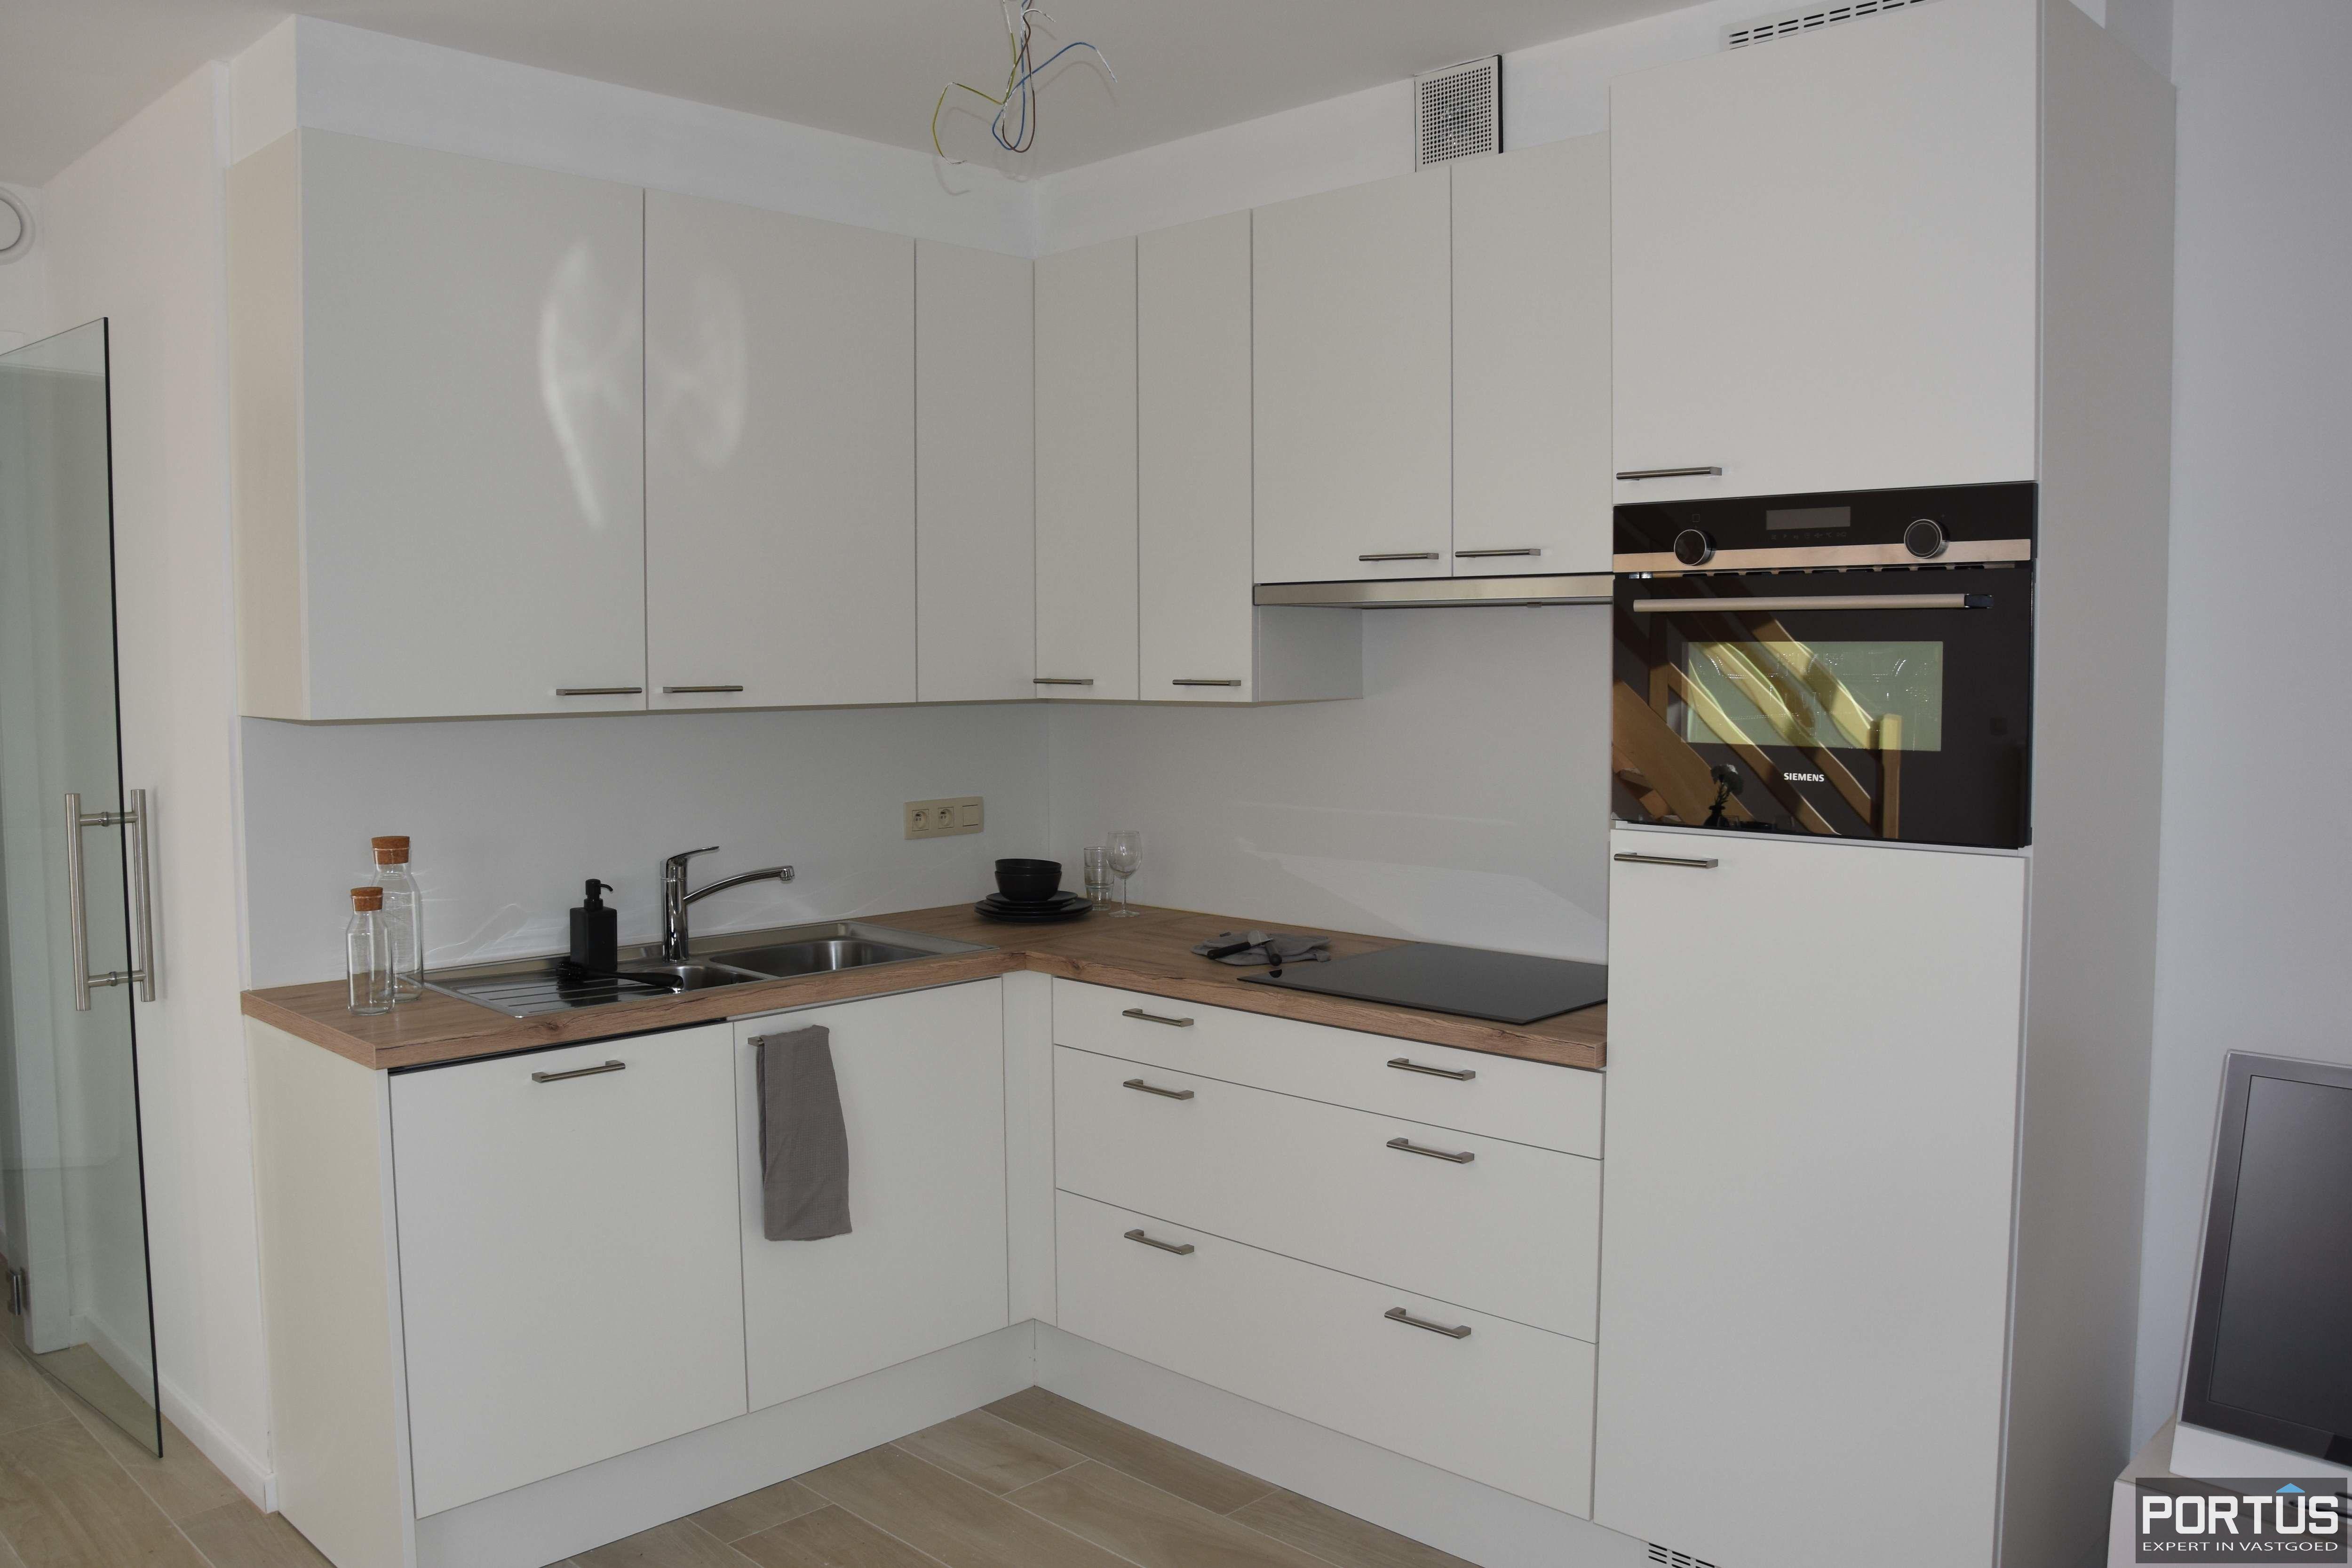 Appartement met 2 slaapkamers te koop te Nieuwpoort - 12309